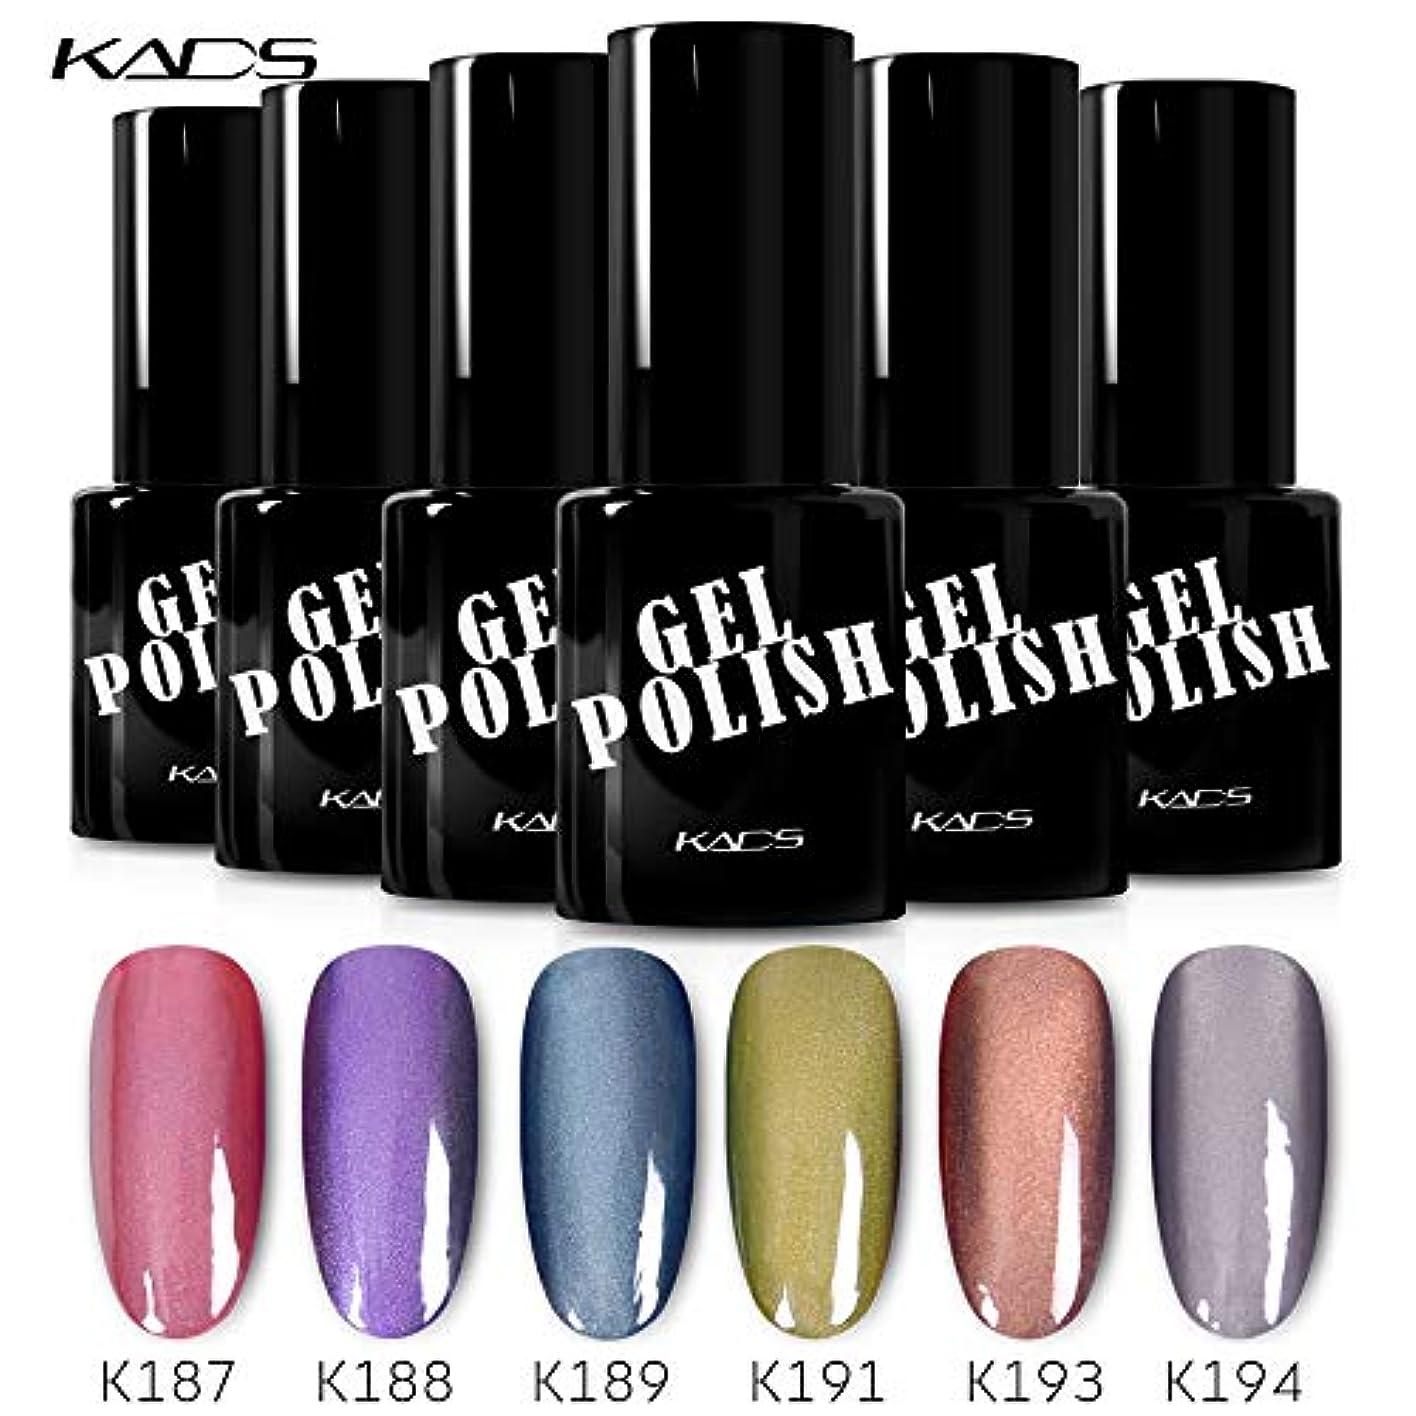 ギャラリー早める国内のKADS カラージェル 6色入り キャッツアイジェルネイル グリーン/ピンク/グレー カラーポリッシュ UV/LED対応 艶長持ち